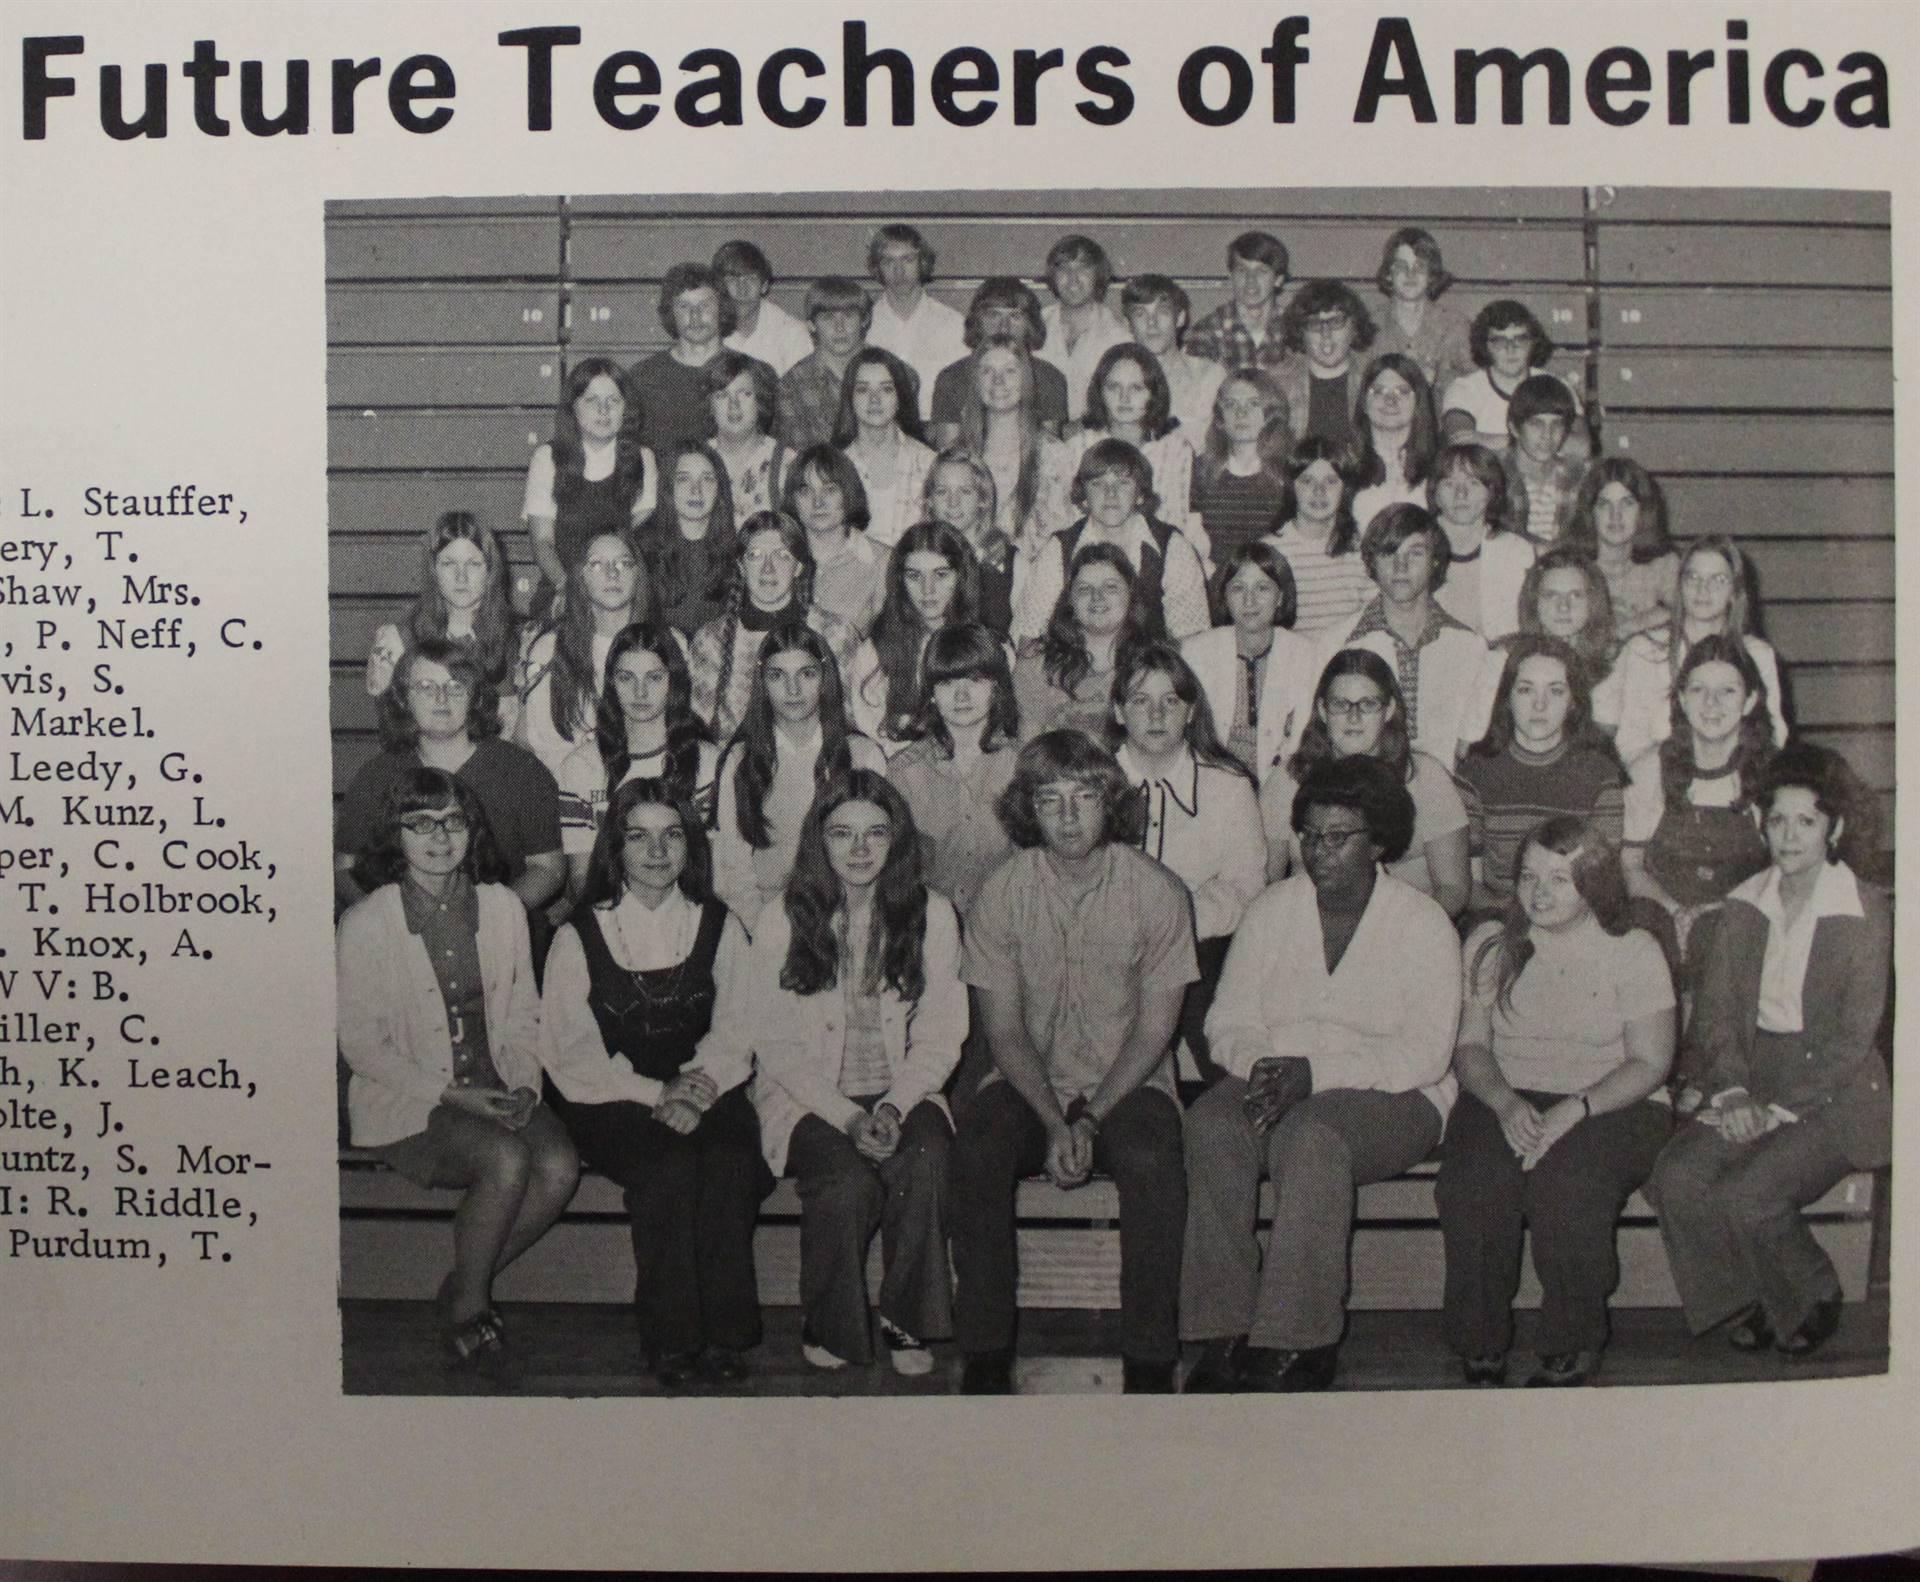 1974 FTA